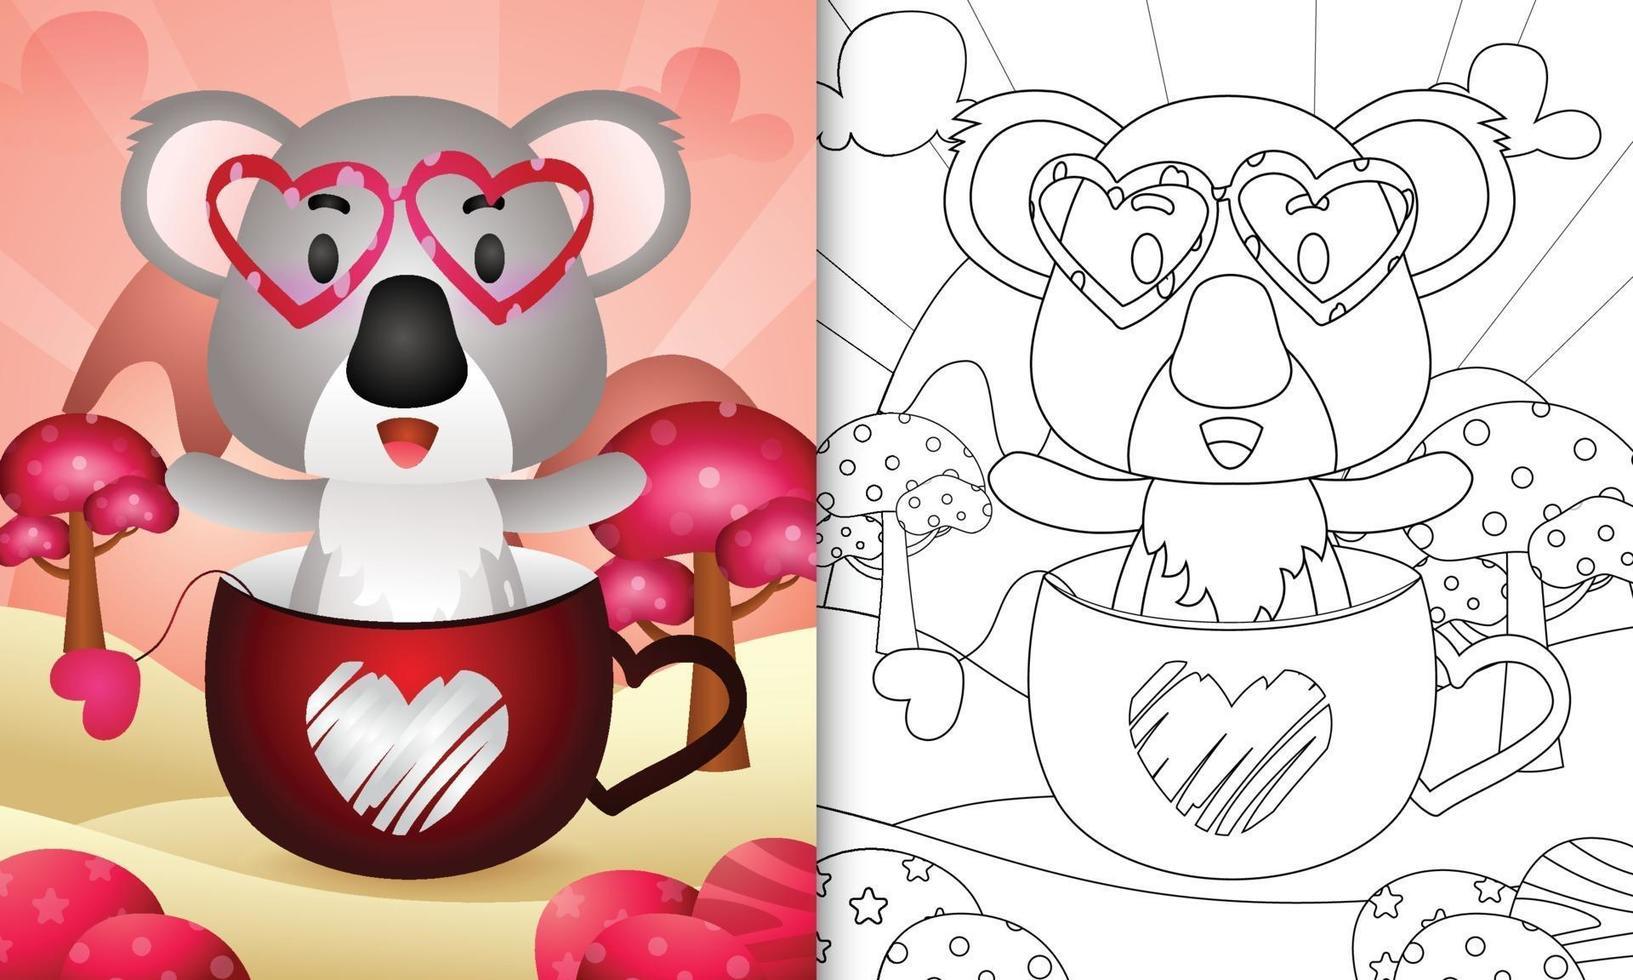 livre de coloriage pour les enfants avec un koala mignon dans la tasse pour la Saint-Valentin vecteur